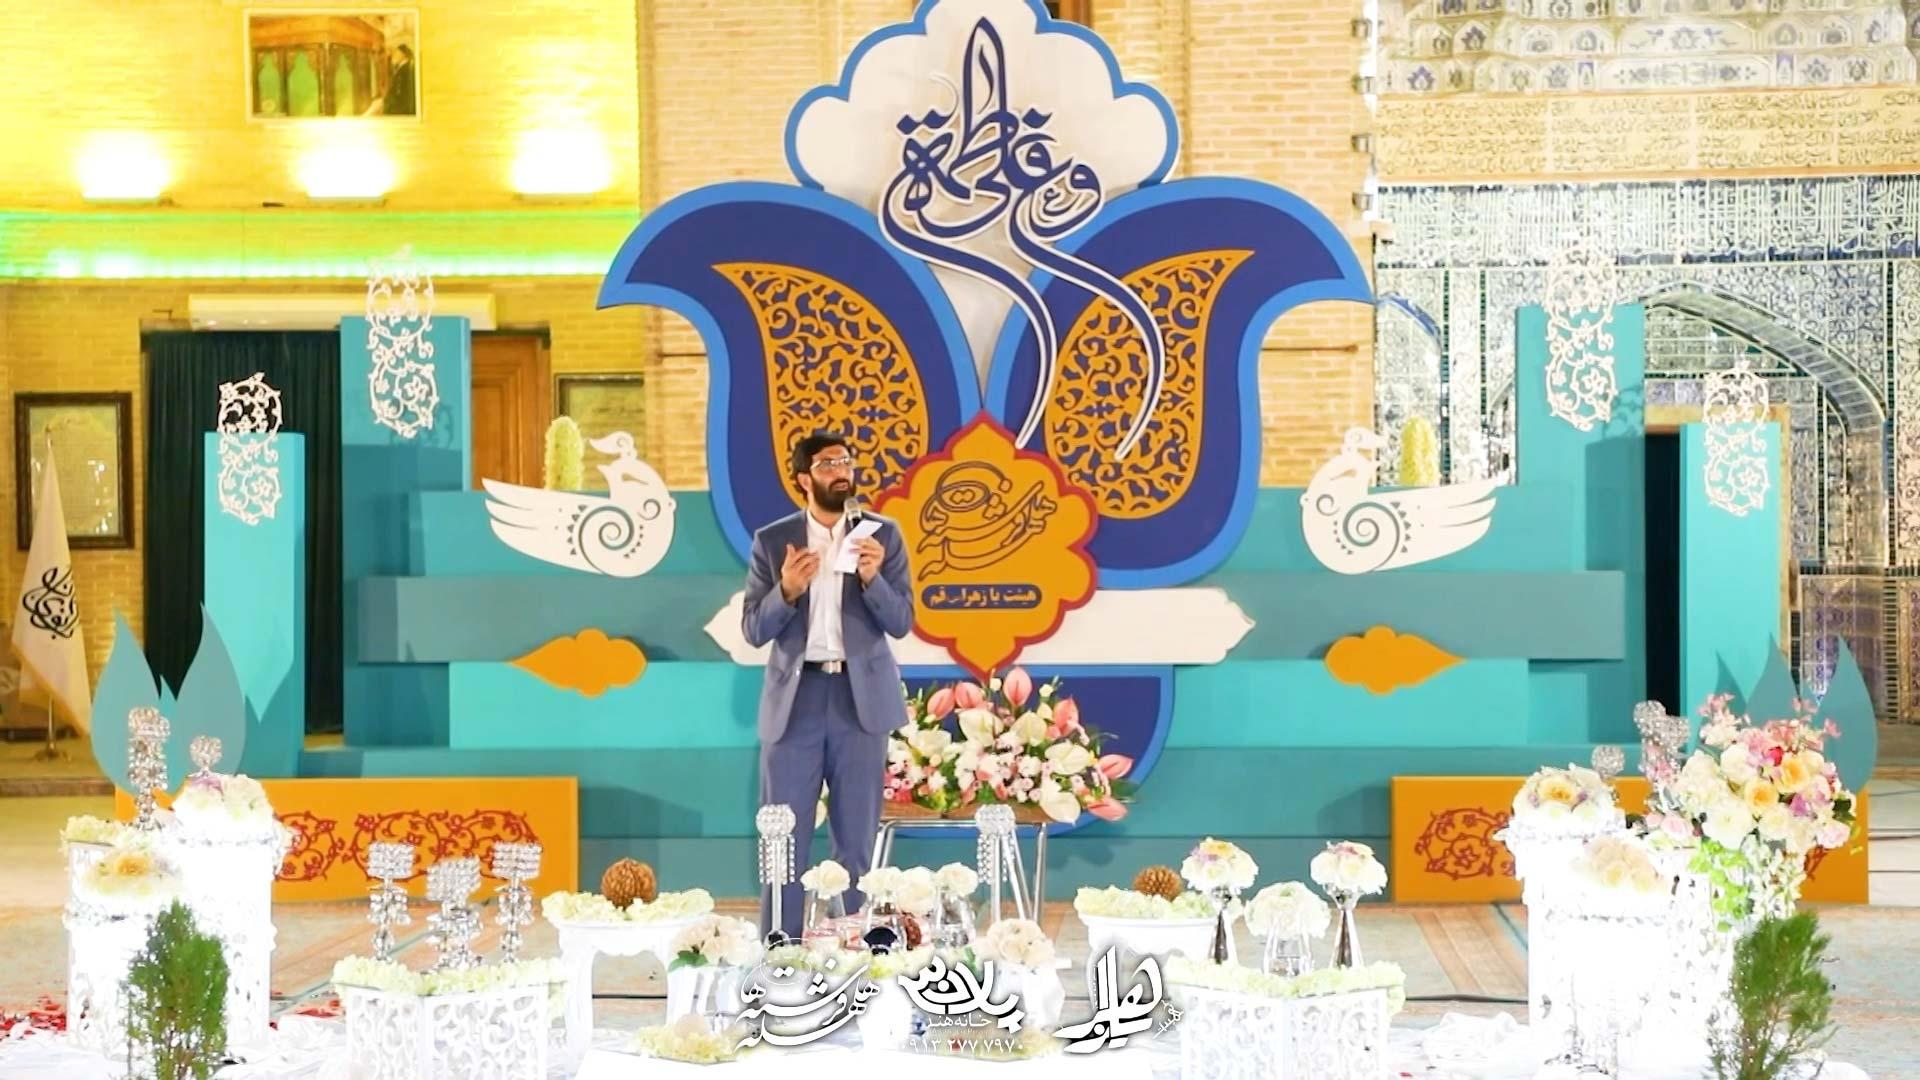 سجادش قبله جبریل سید رضا نریمانی